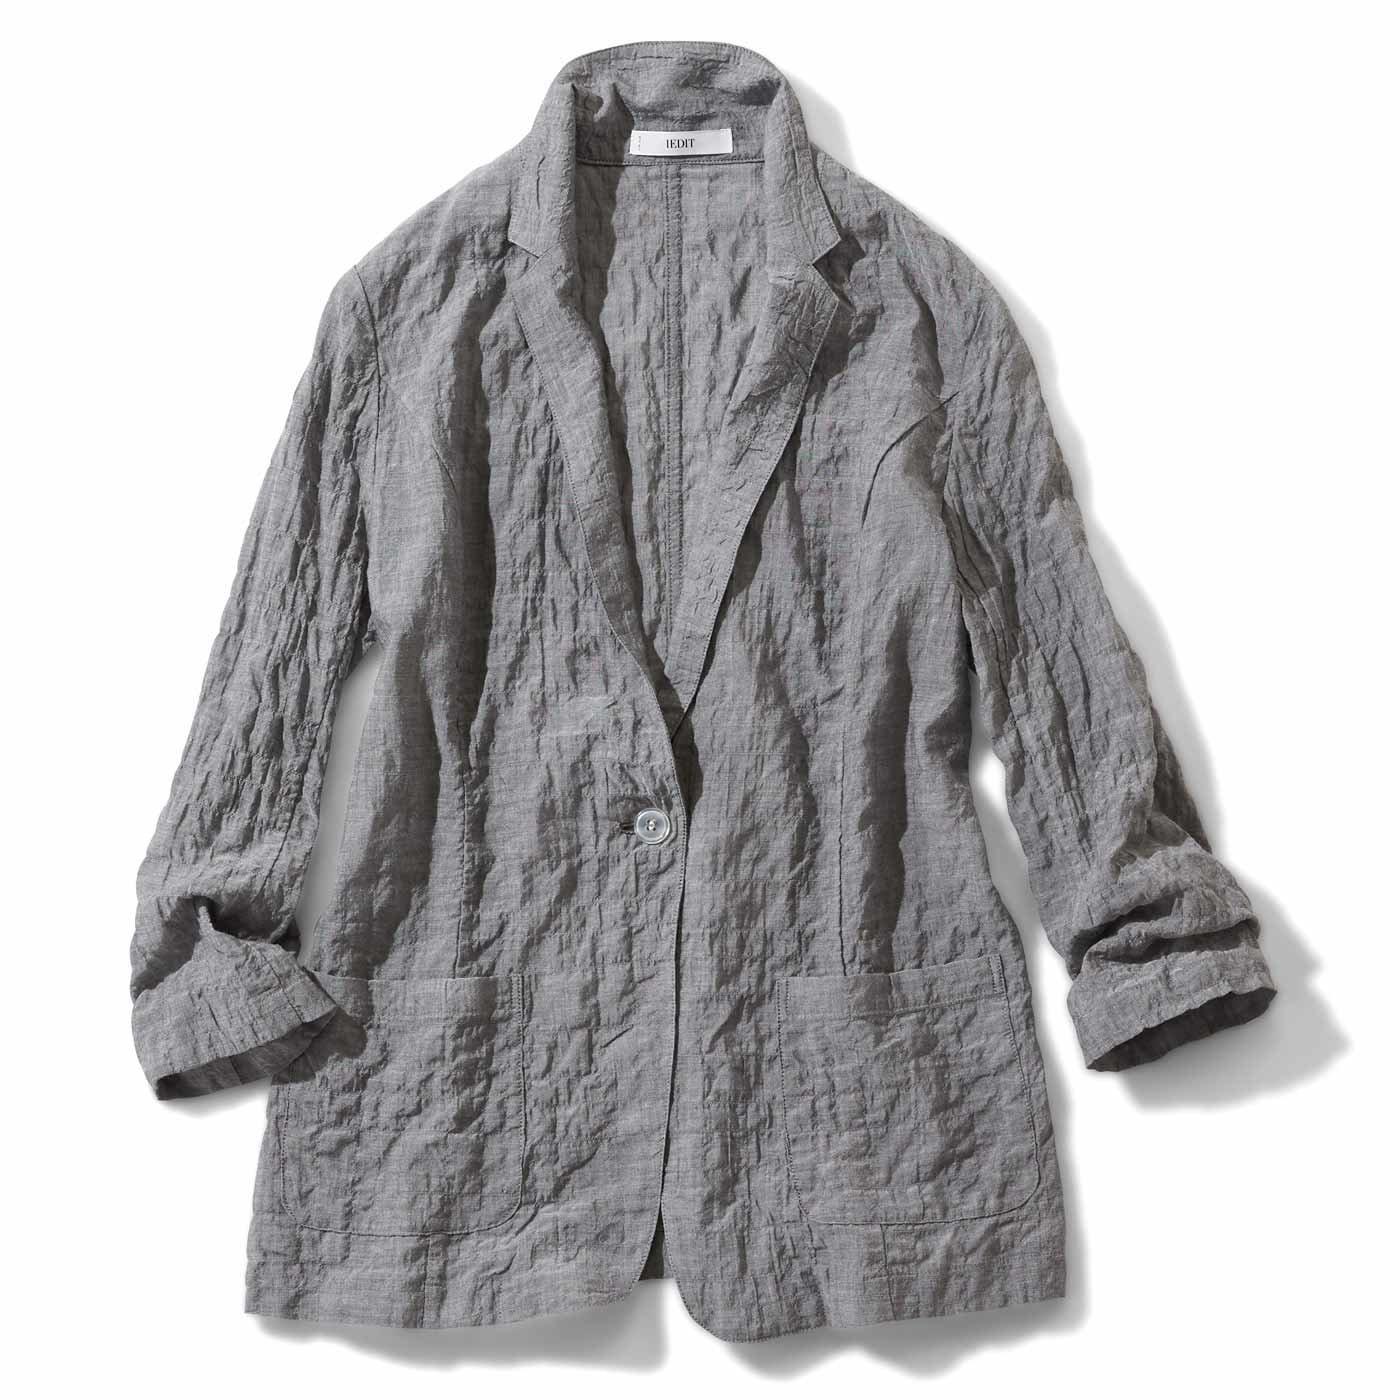 IEDIT シャツ感覚のエアリーなジャケット〈グレー〉